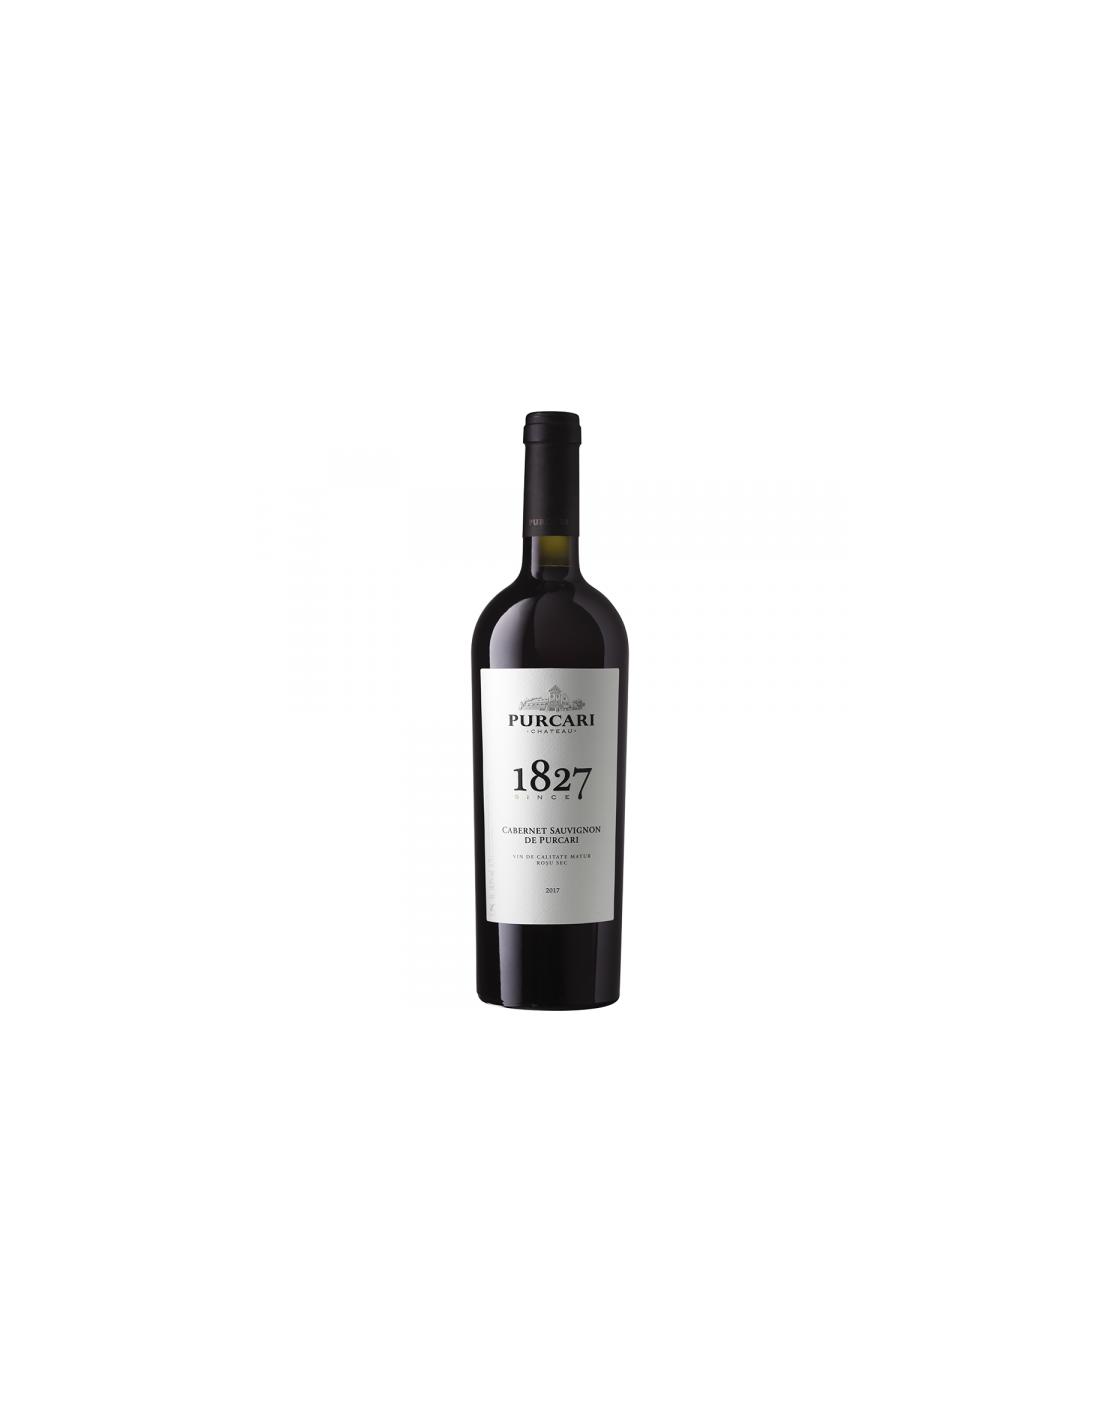 Vin rosu sec, Cabernet Sauvignon, Purcari Stefan Voda, 0.75L, 13.5% alc., Republica Moldova